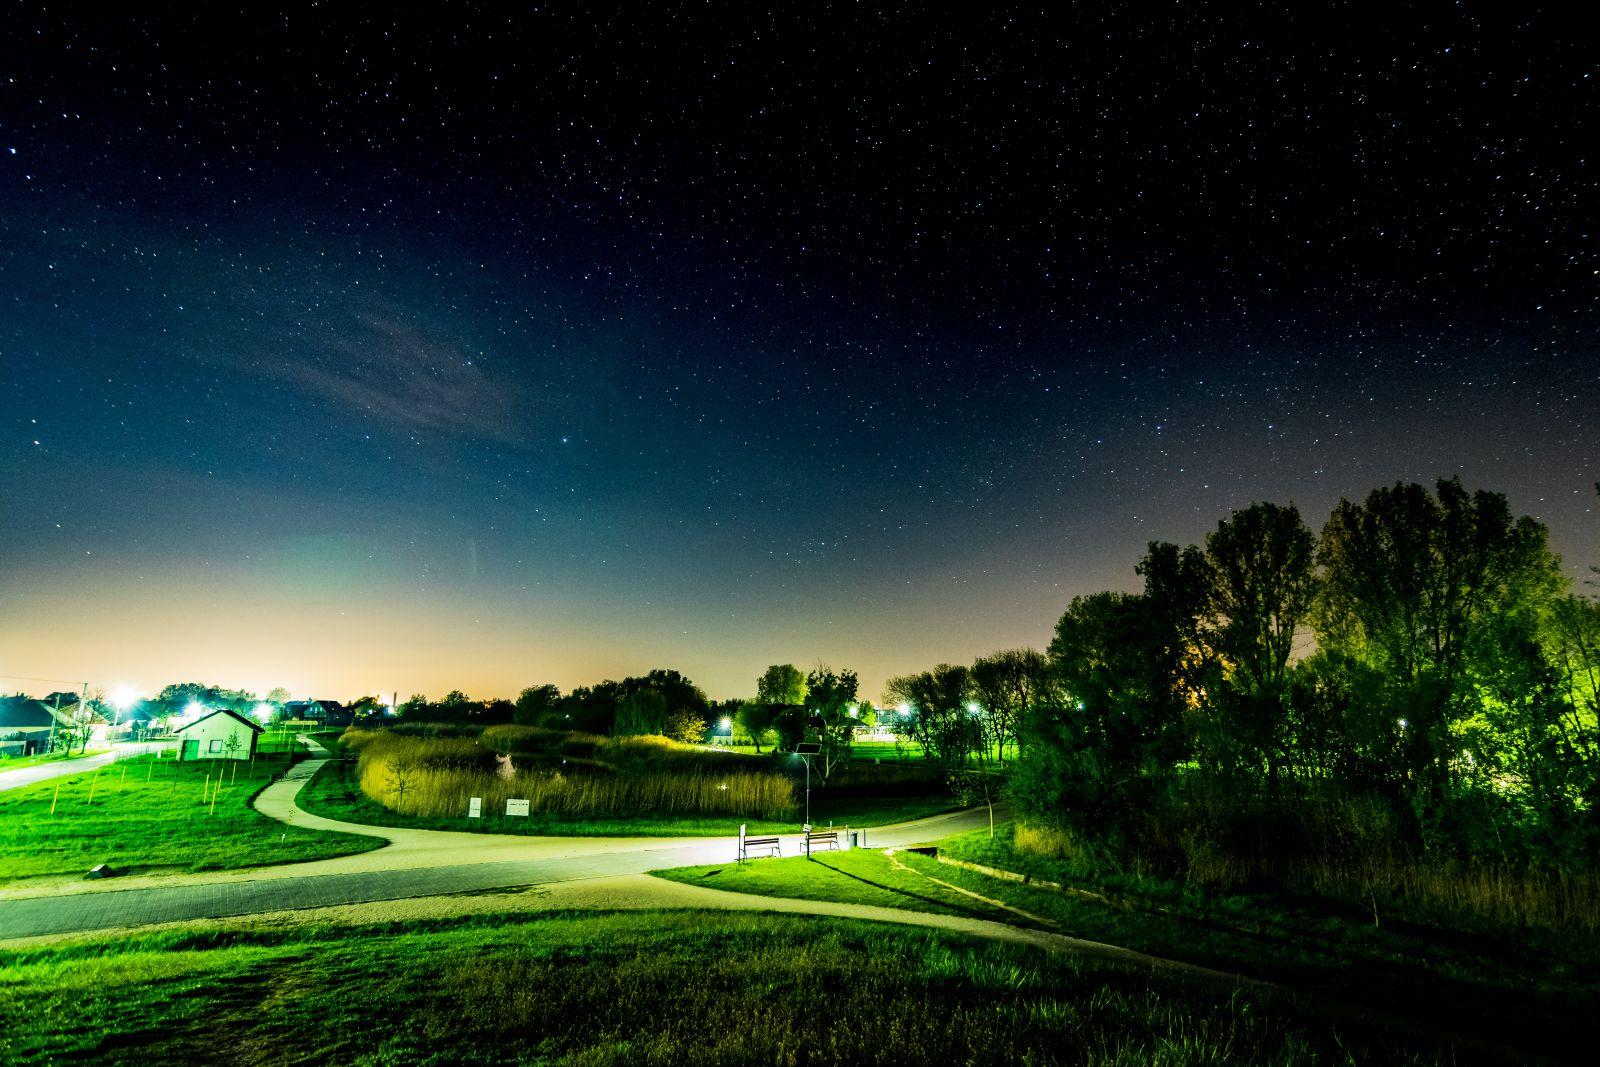 A hónap képe: Kistói este - Készítette: Lakos Norbert